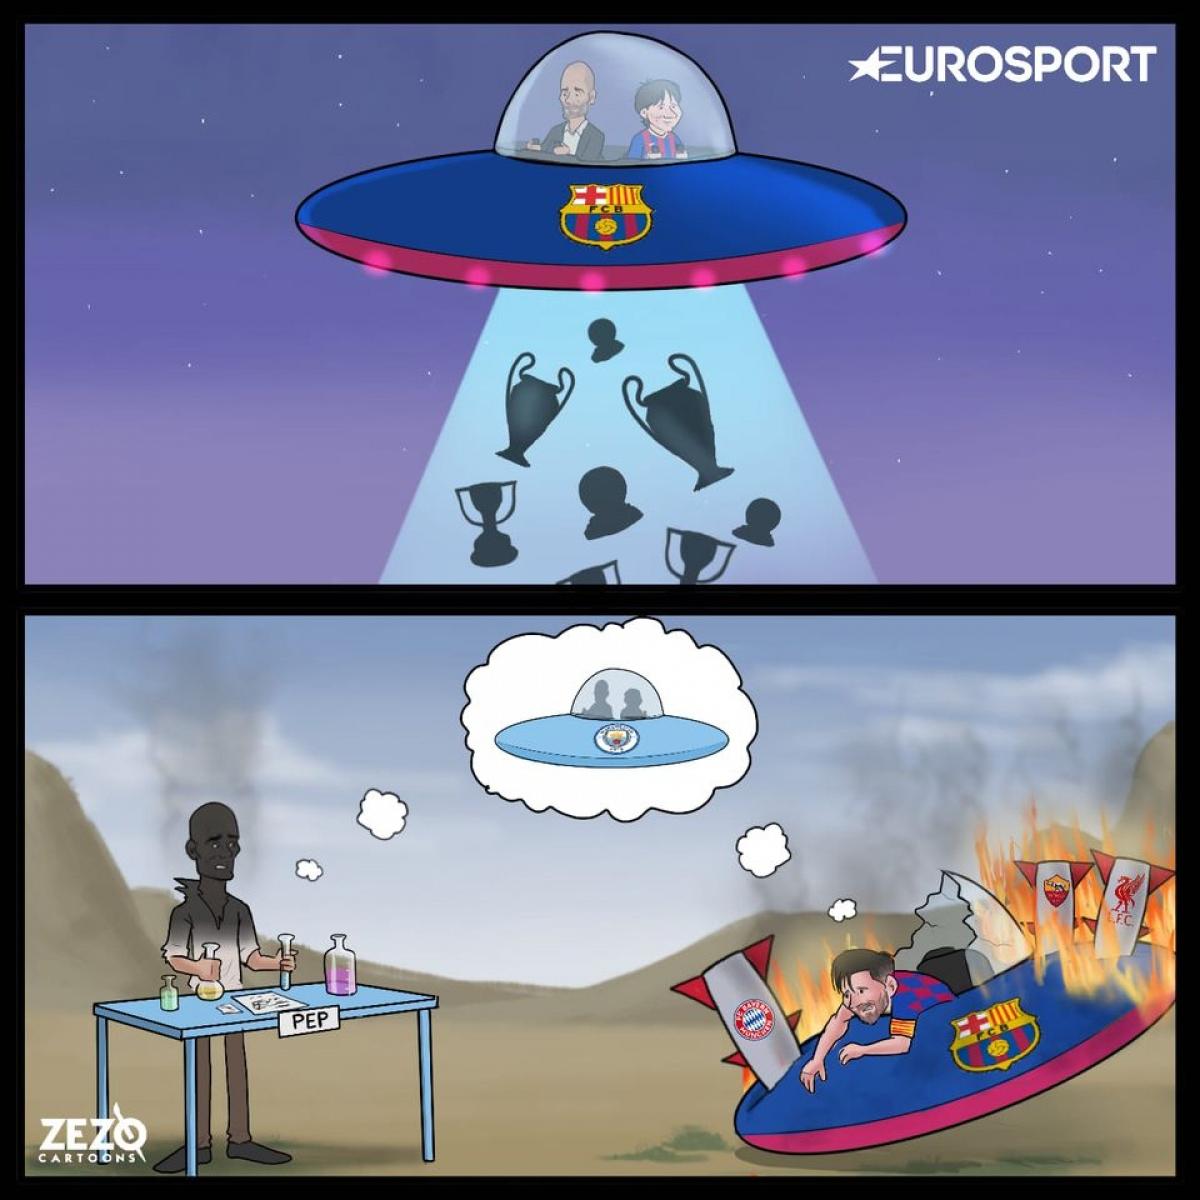 Liệu Messi sẽ tái ngộ với HLV Pep Guardiola tại Man City? (Ảnh: Zero Cartoons).